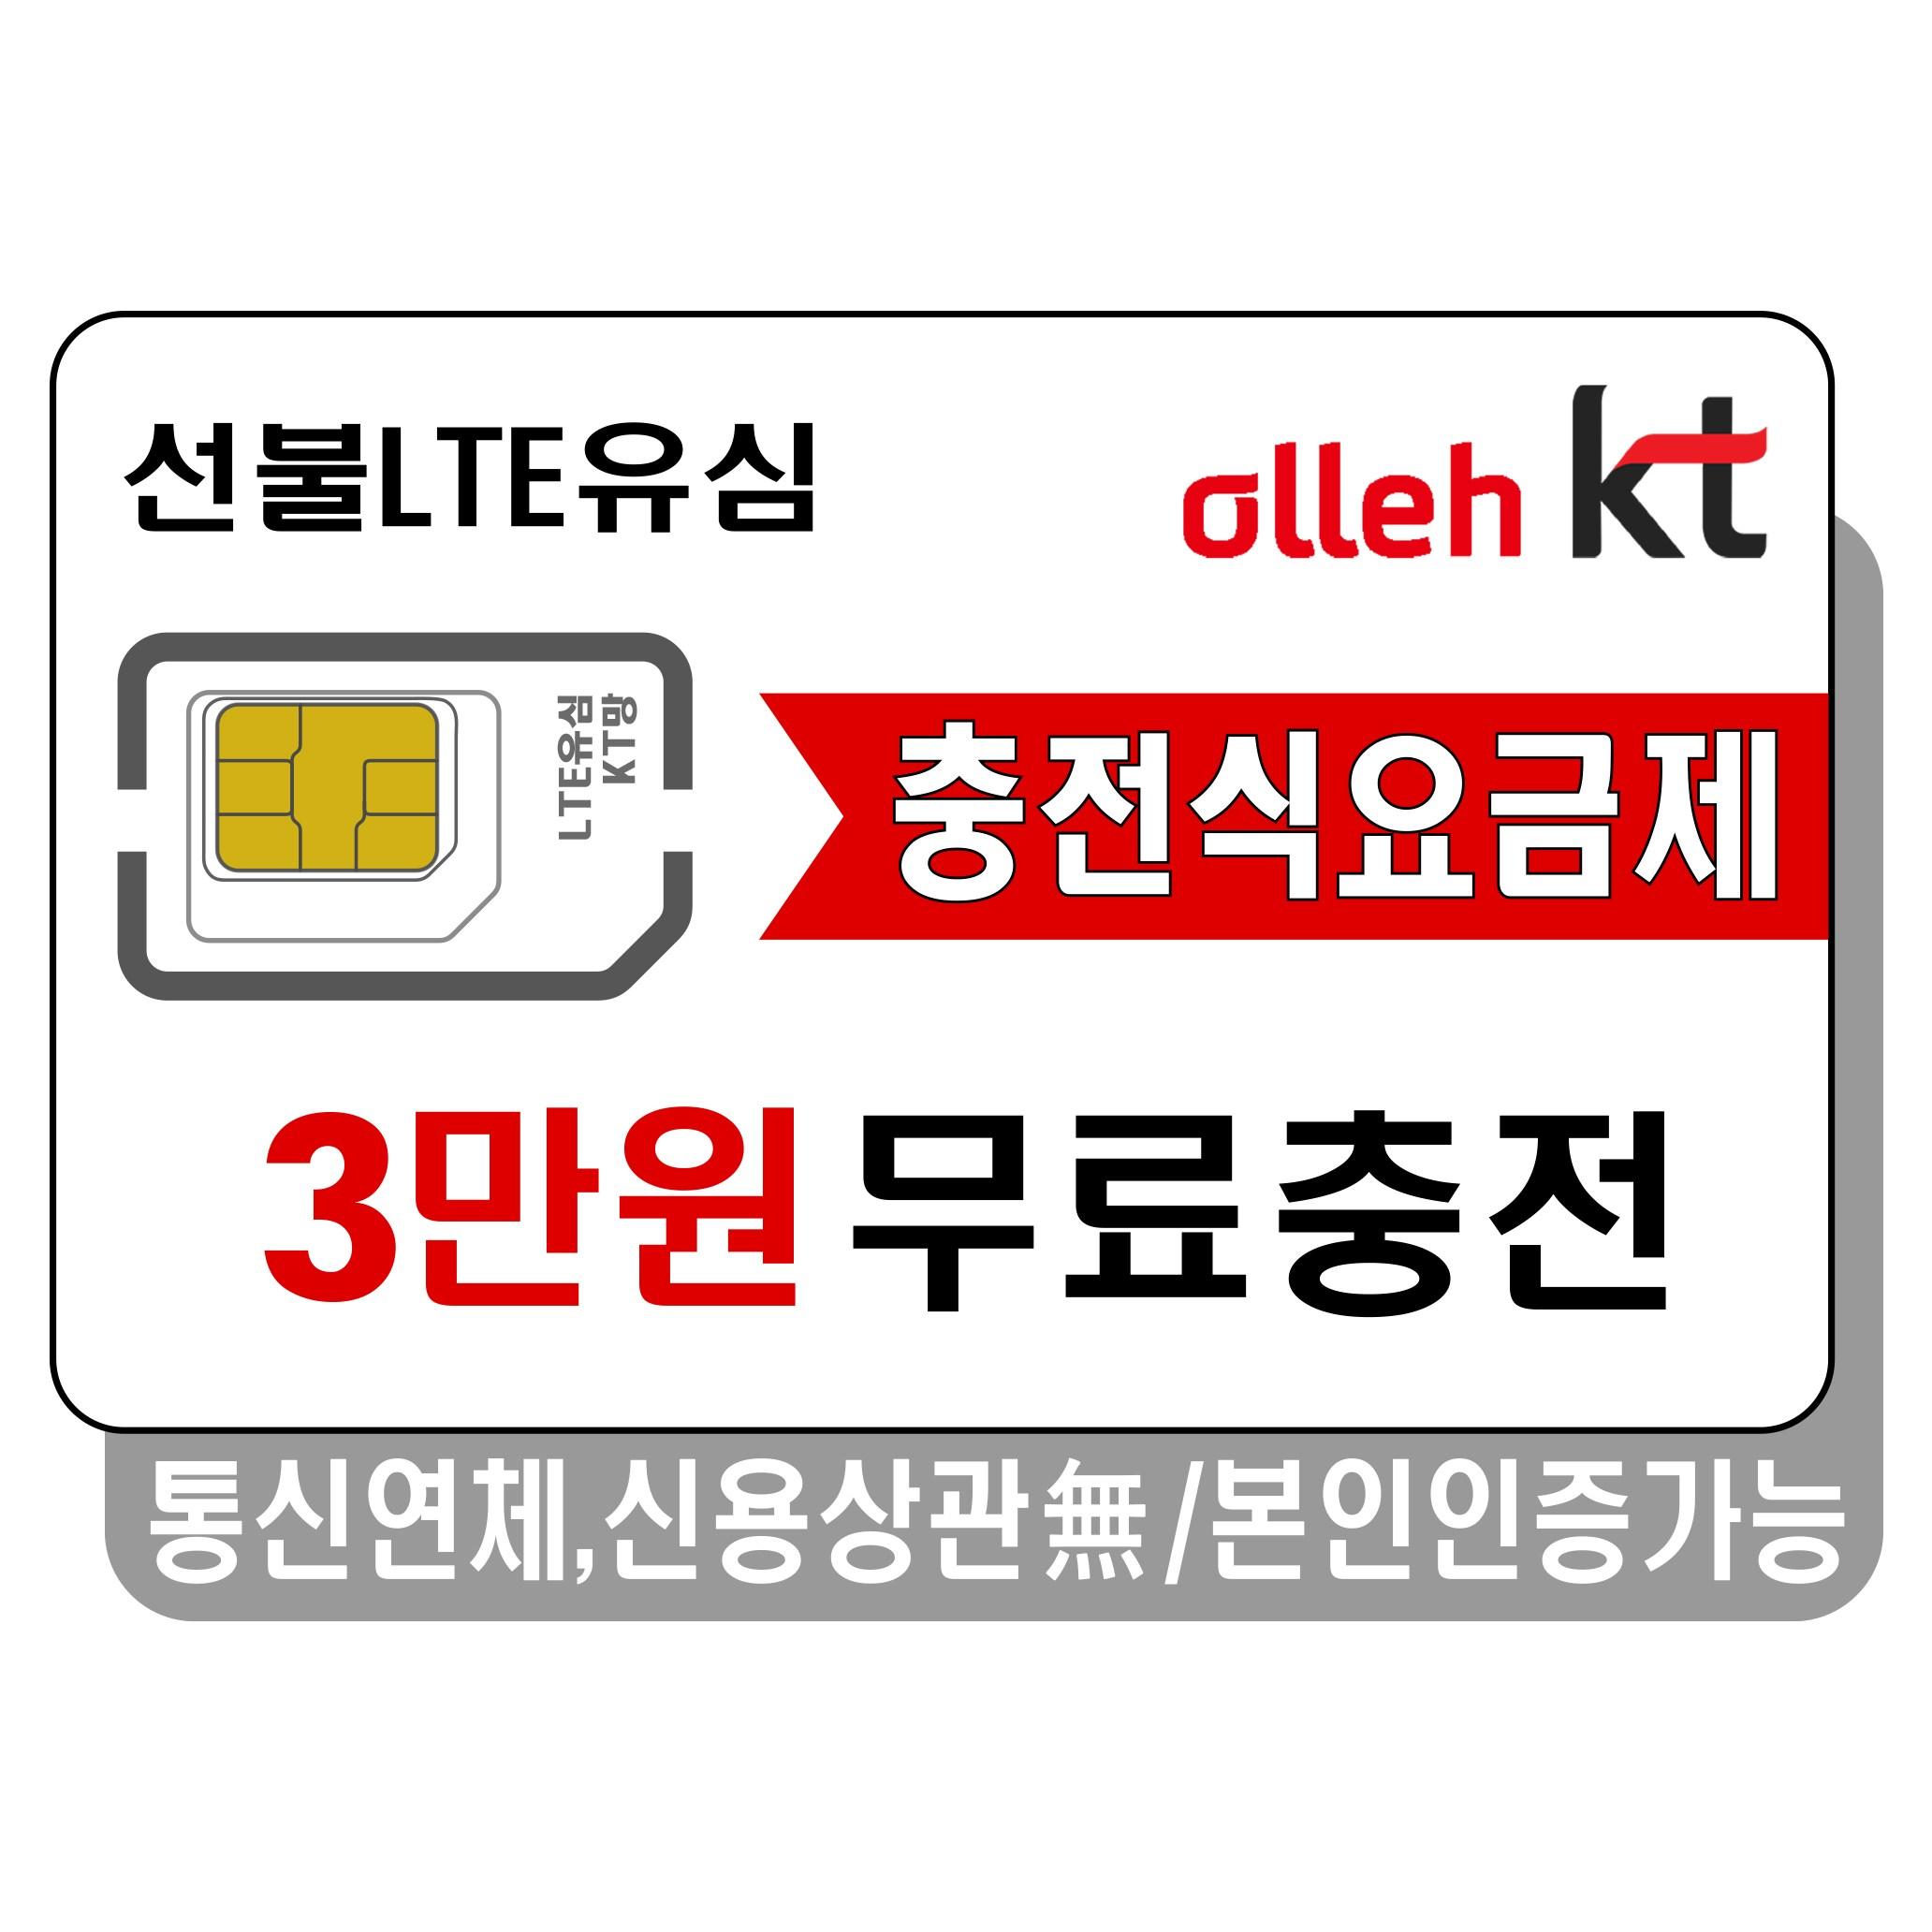 프렌즈모바일 KT선불폰 선불유심 유심개통, 선불LTE45, 1개